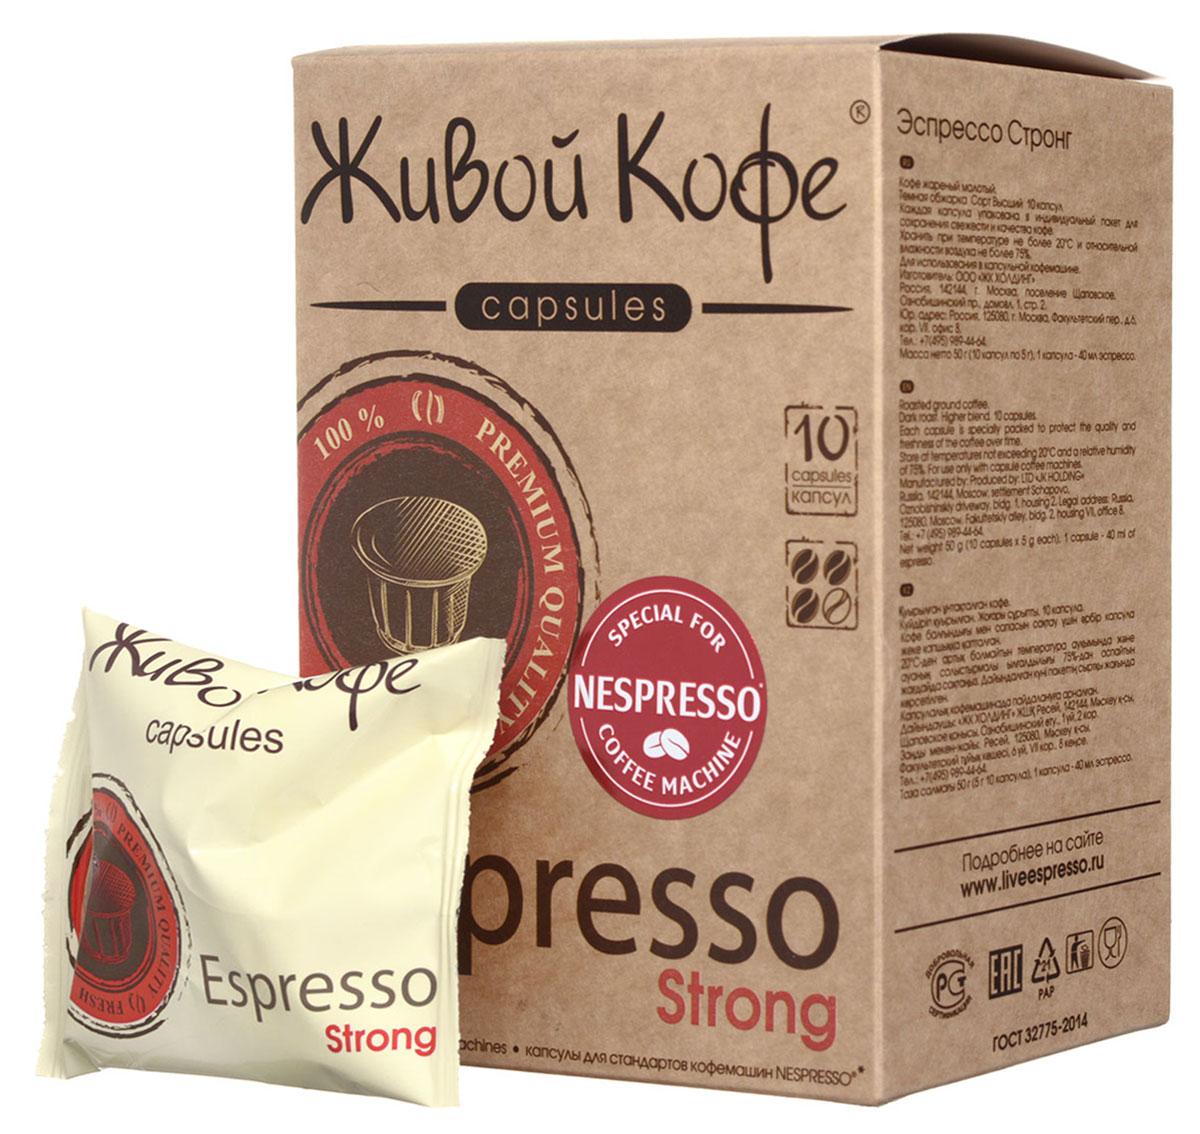 Живой Кофе Espresso Strong кофе в капсулах (индивидуальная упаковка), 10 шт